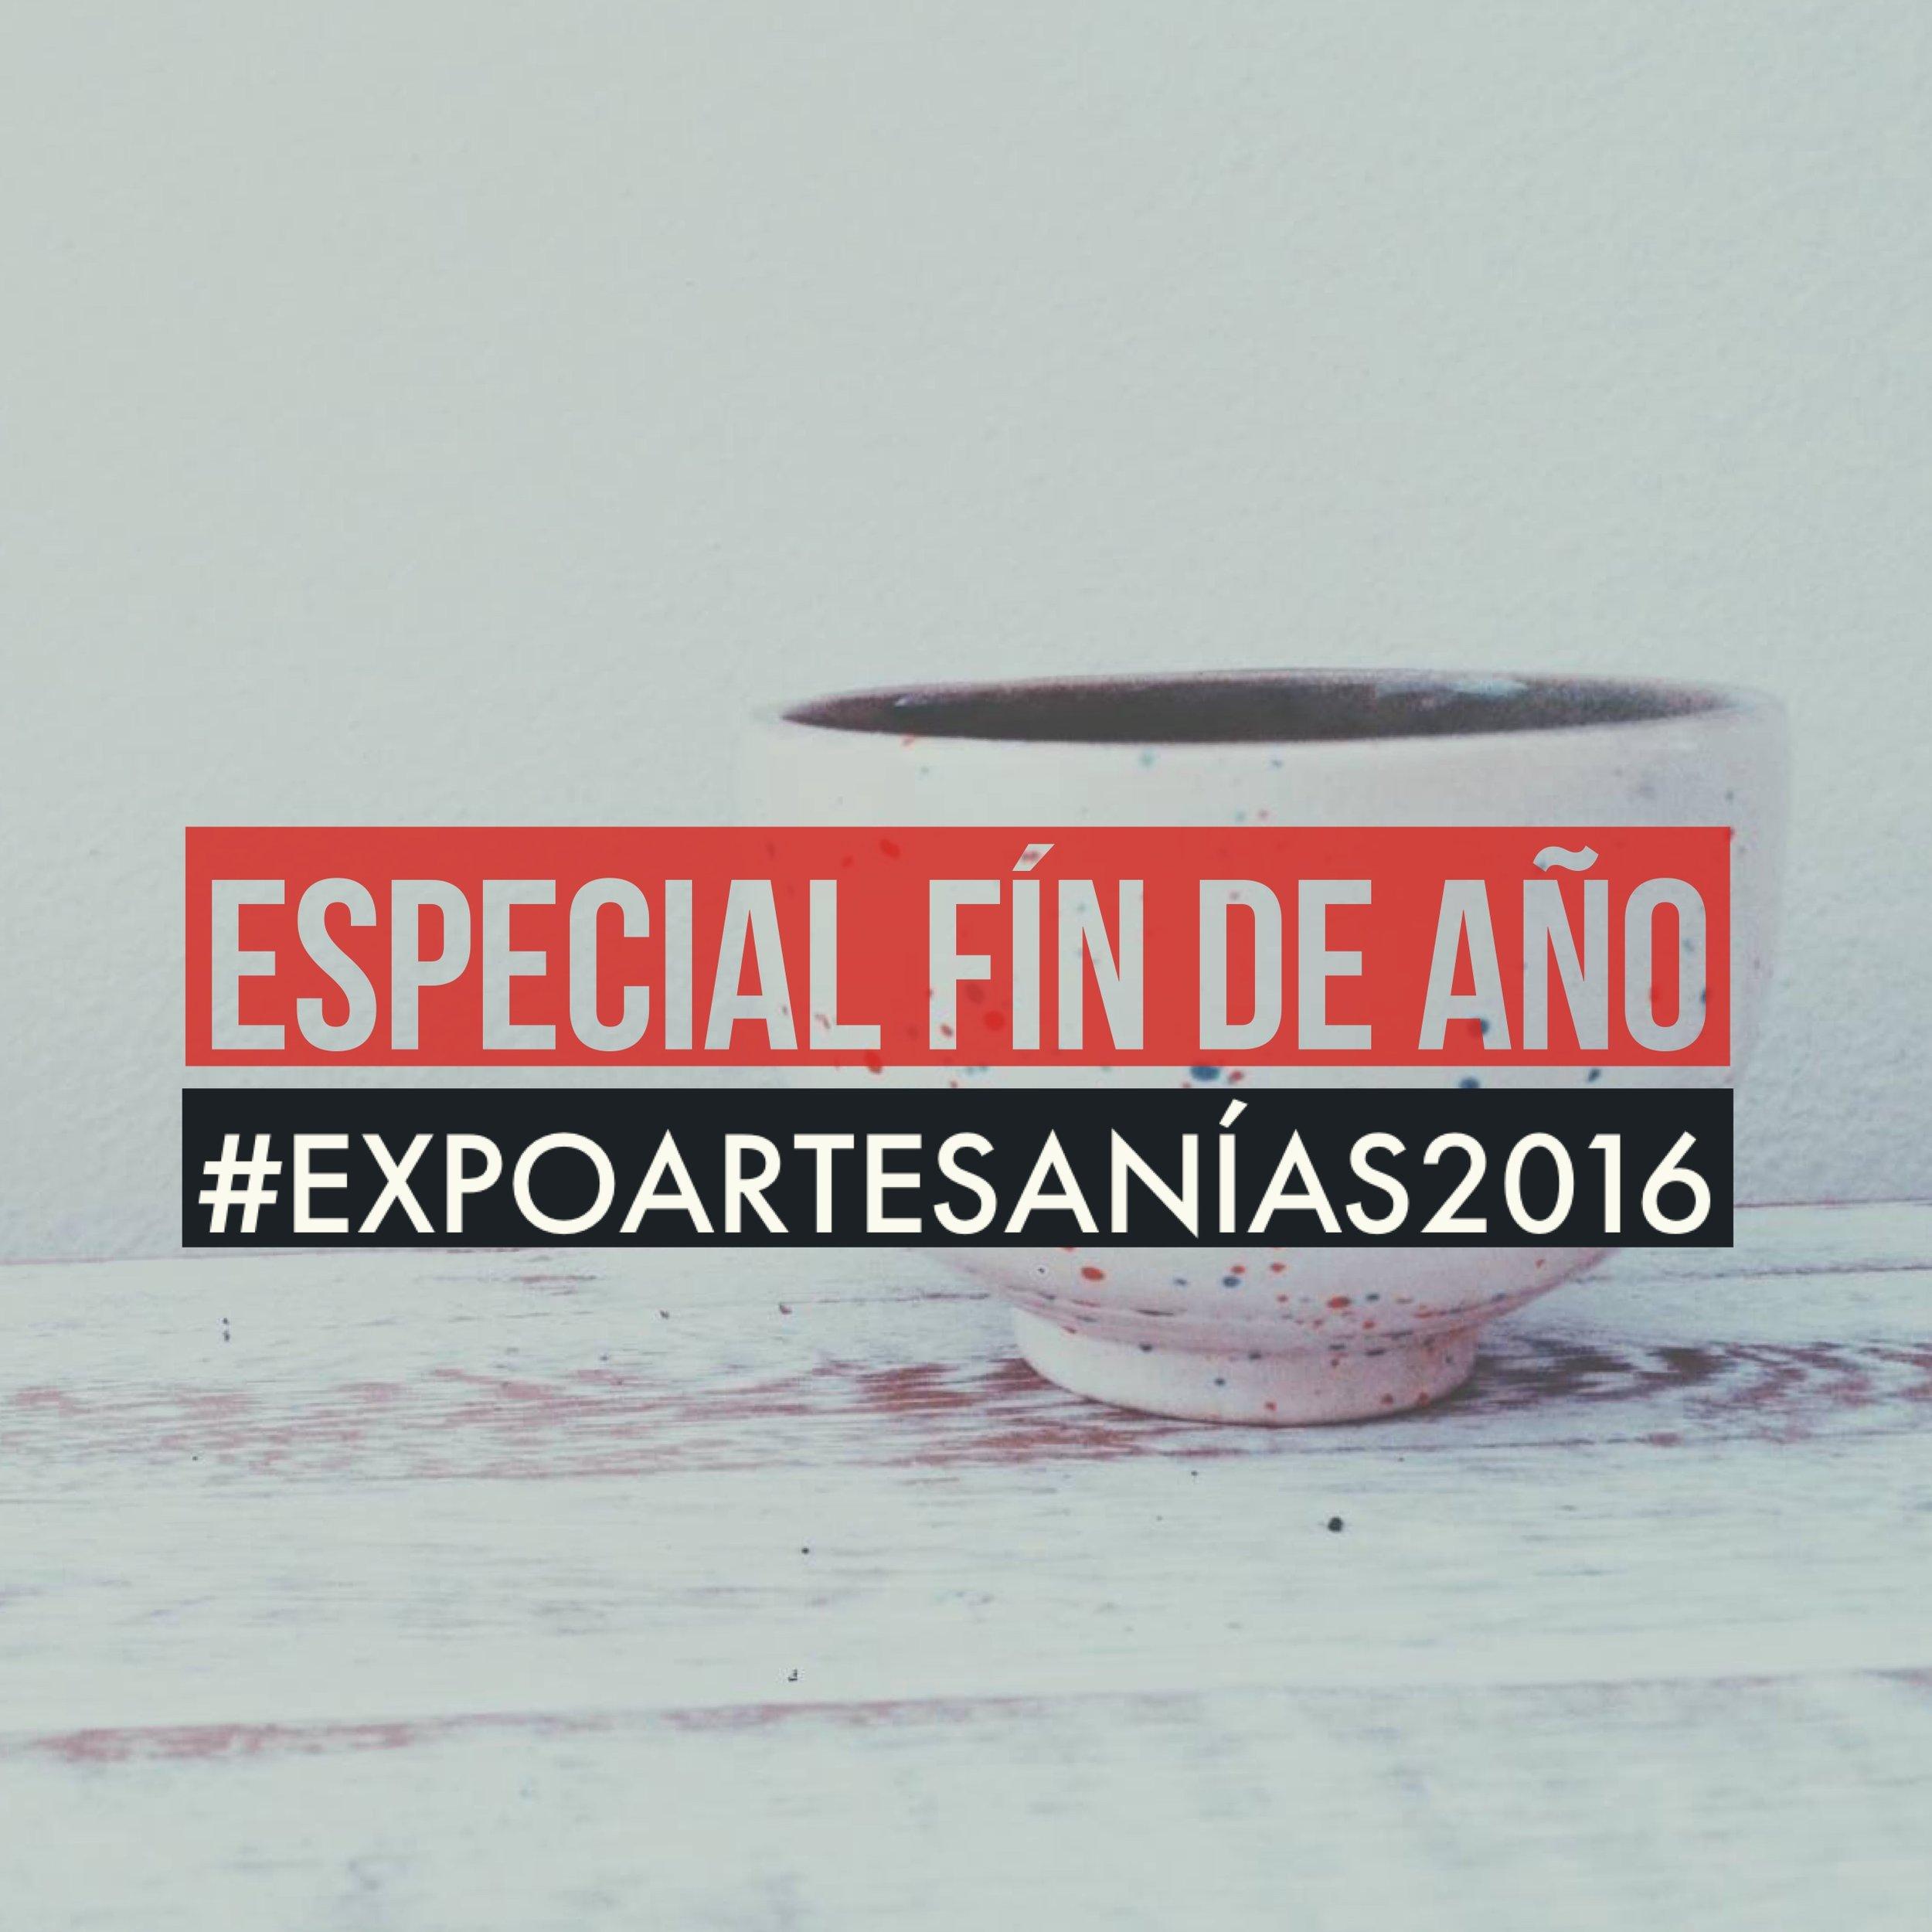 ESPECIAL_FIN_DE_AÑO_INTERIONICA.JPG